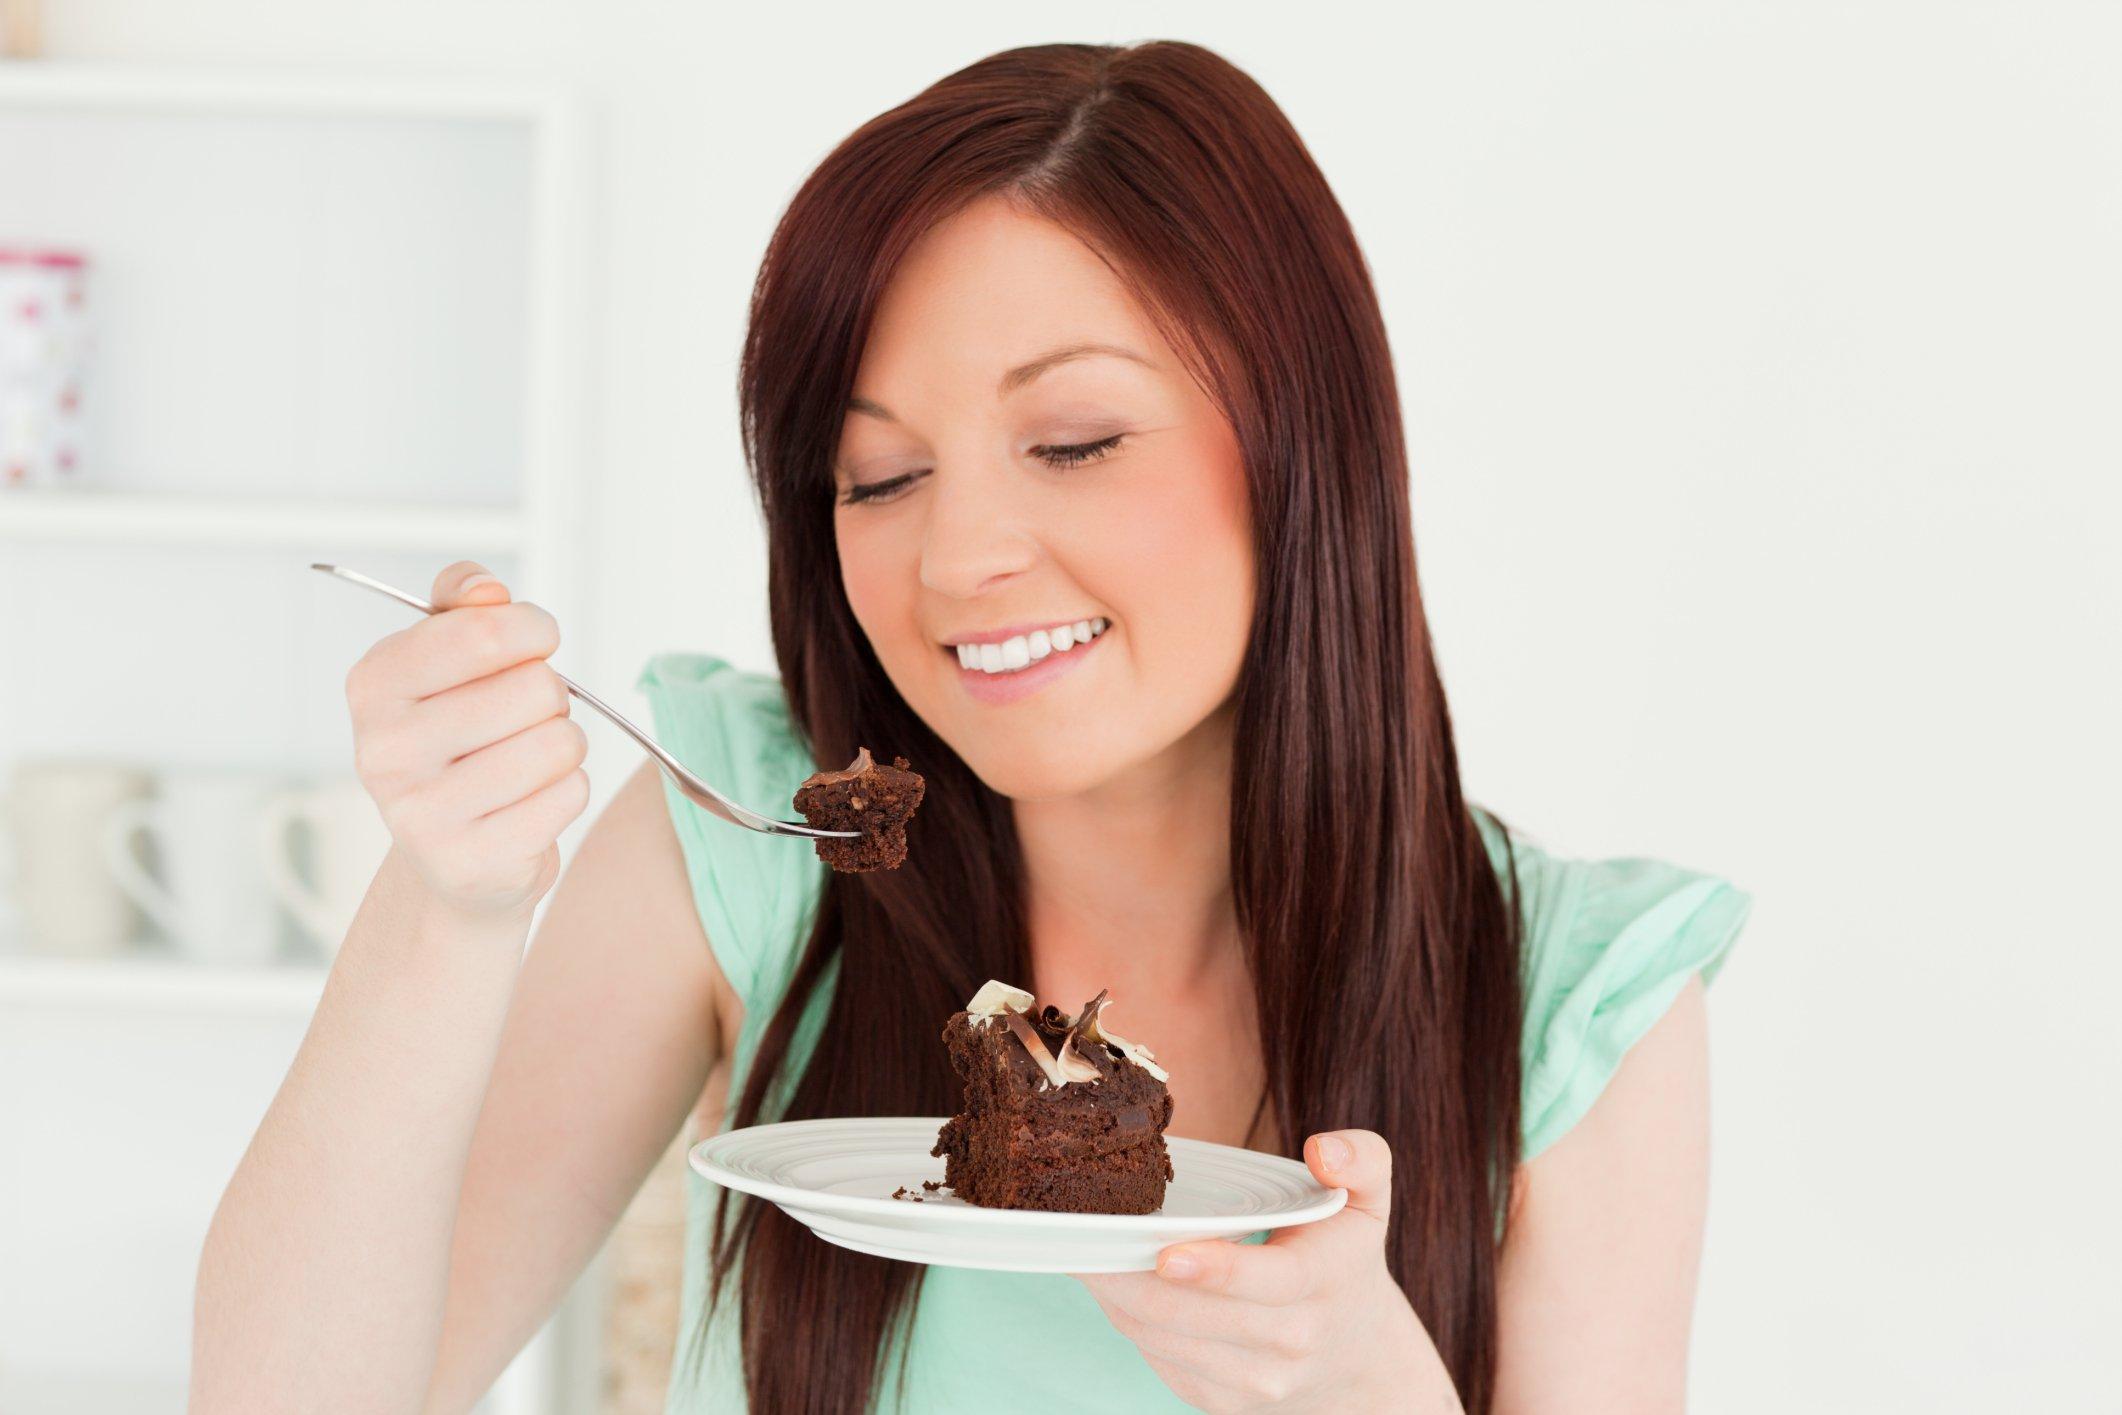 Ученые: употребление сладостей впроцессе беременности может вызвать уребенка диабет